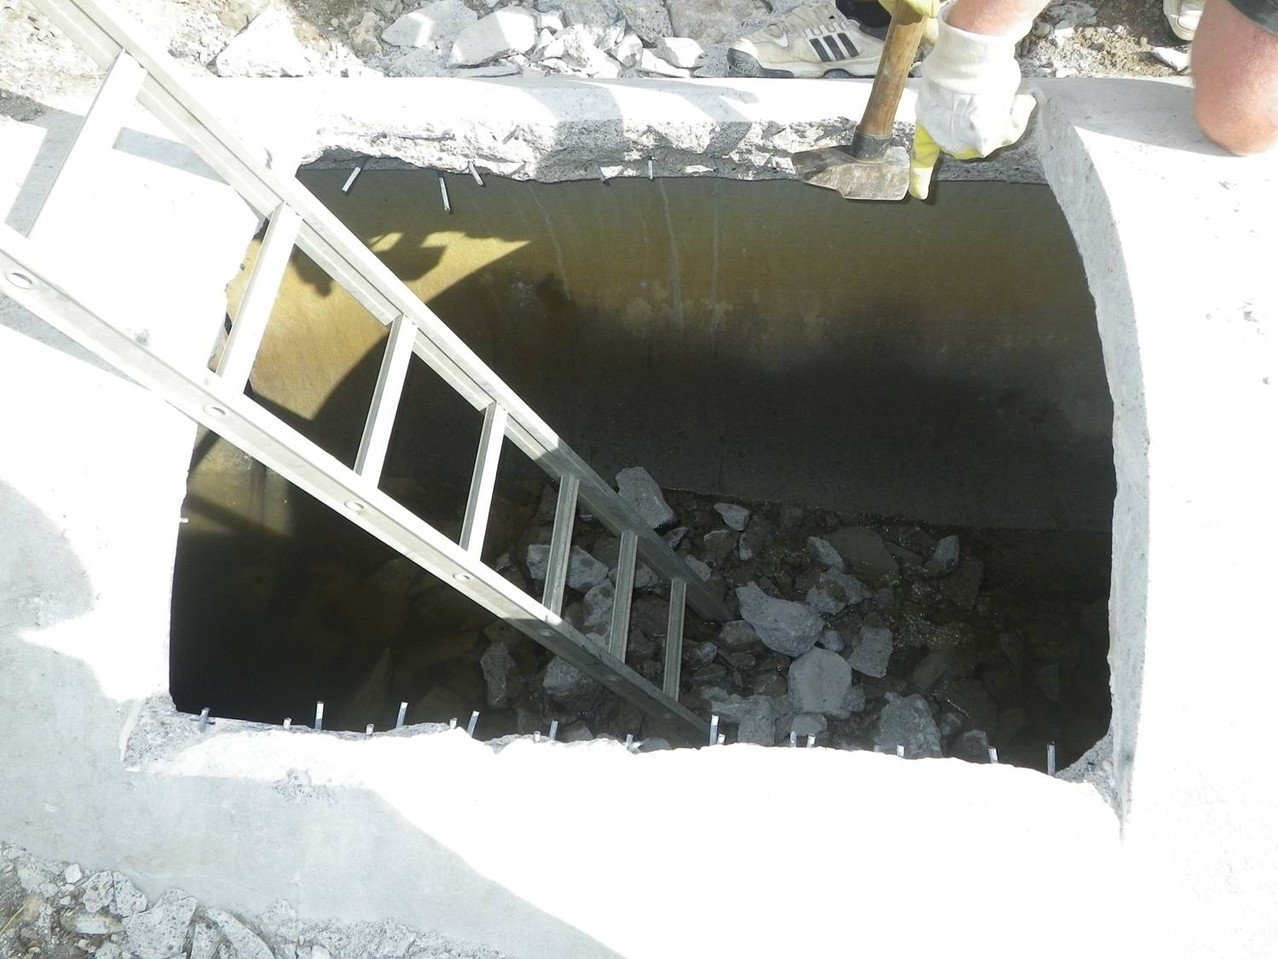 Perçage du busage et extraction des gravats